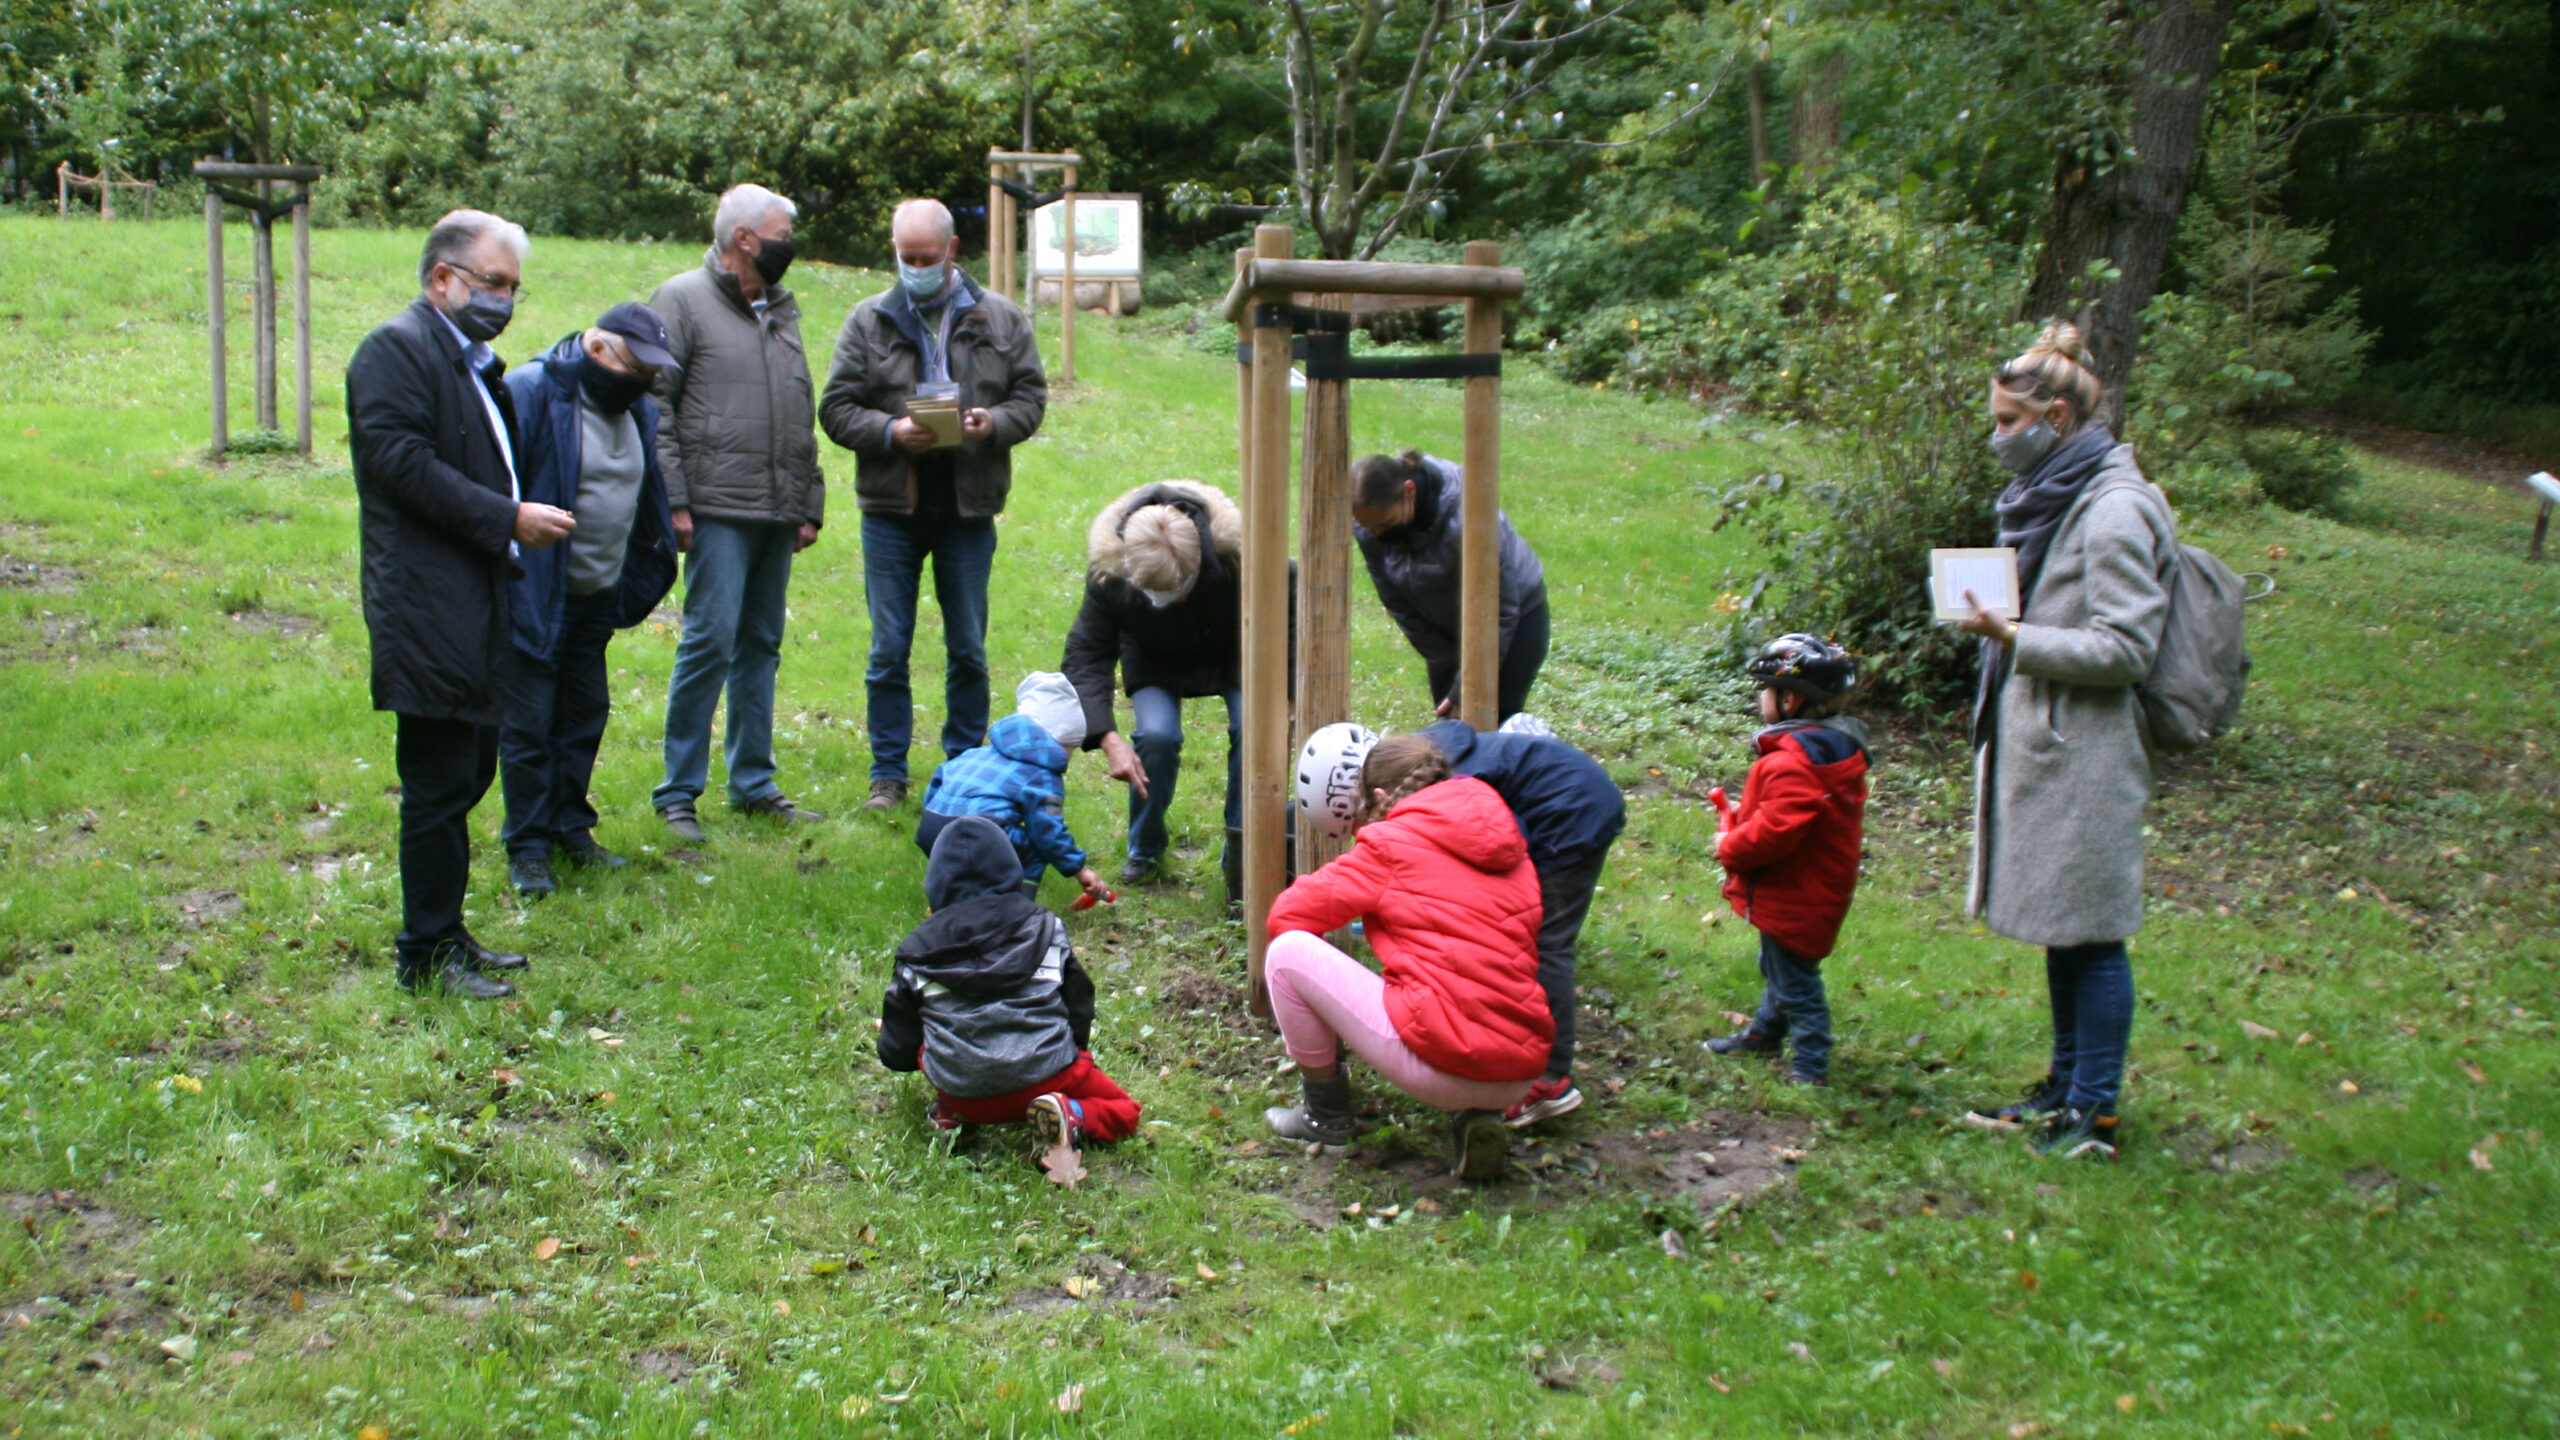 Kinder pflanzen Blumenzwiebeln im Mettmanner Stadtwald